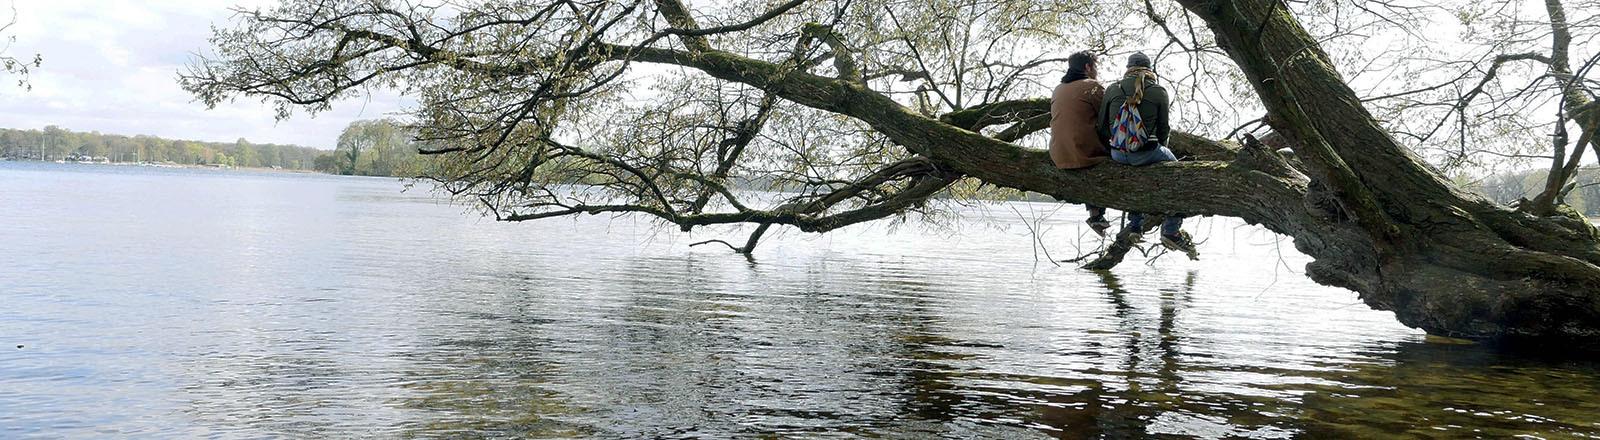 Zwei Freunde sitzen auf einem ins Wasser ragenden Asts eines Baumes. Das Bild strahlt Ruhe und Vetrautheit aus. (13.04.2020)